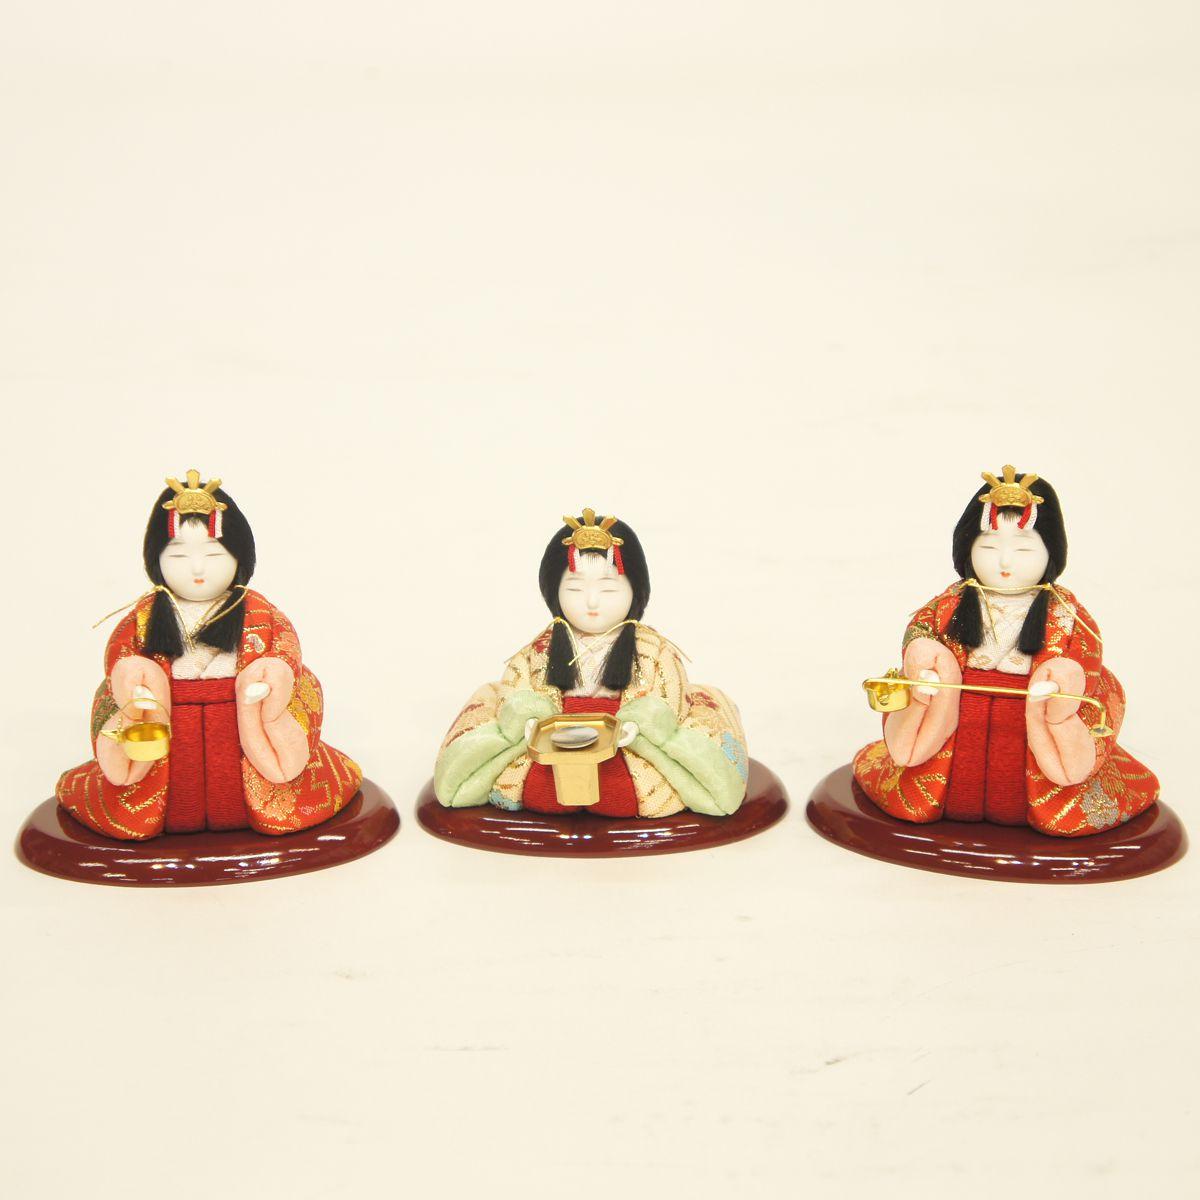 雛人形 一秀 木目込み飾り 三人官女 170号 雛人形 HNIS-L-3 (346158)ひな人形 かわいい 雛 木目込人形飾り